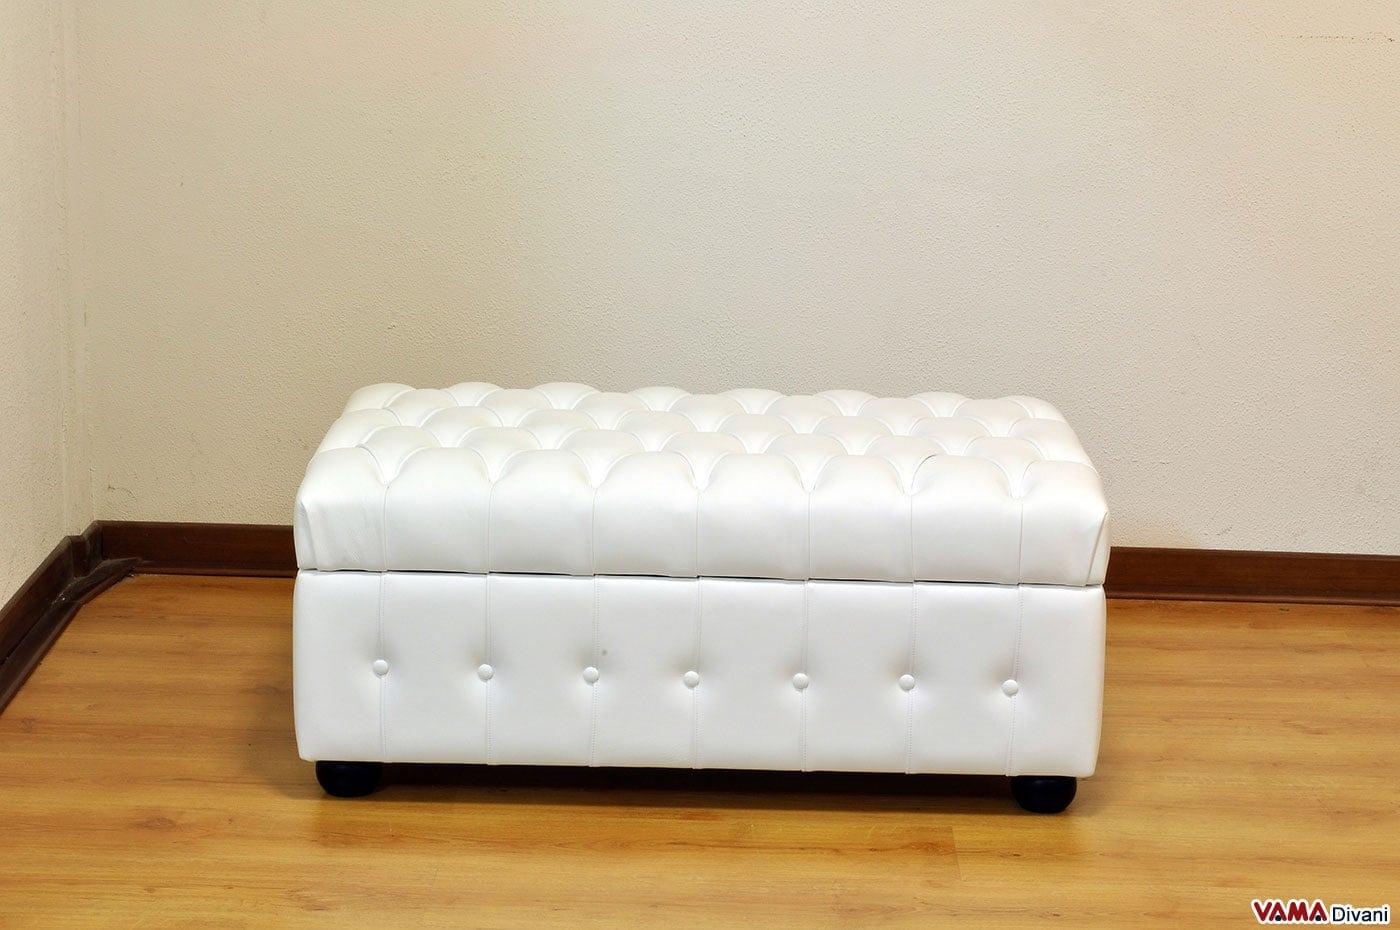 Pouf in pelle in capitonn e contenitore porta oggetti - Pouf letto poltronesofa prezzo ...